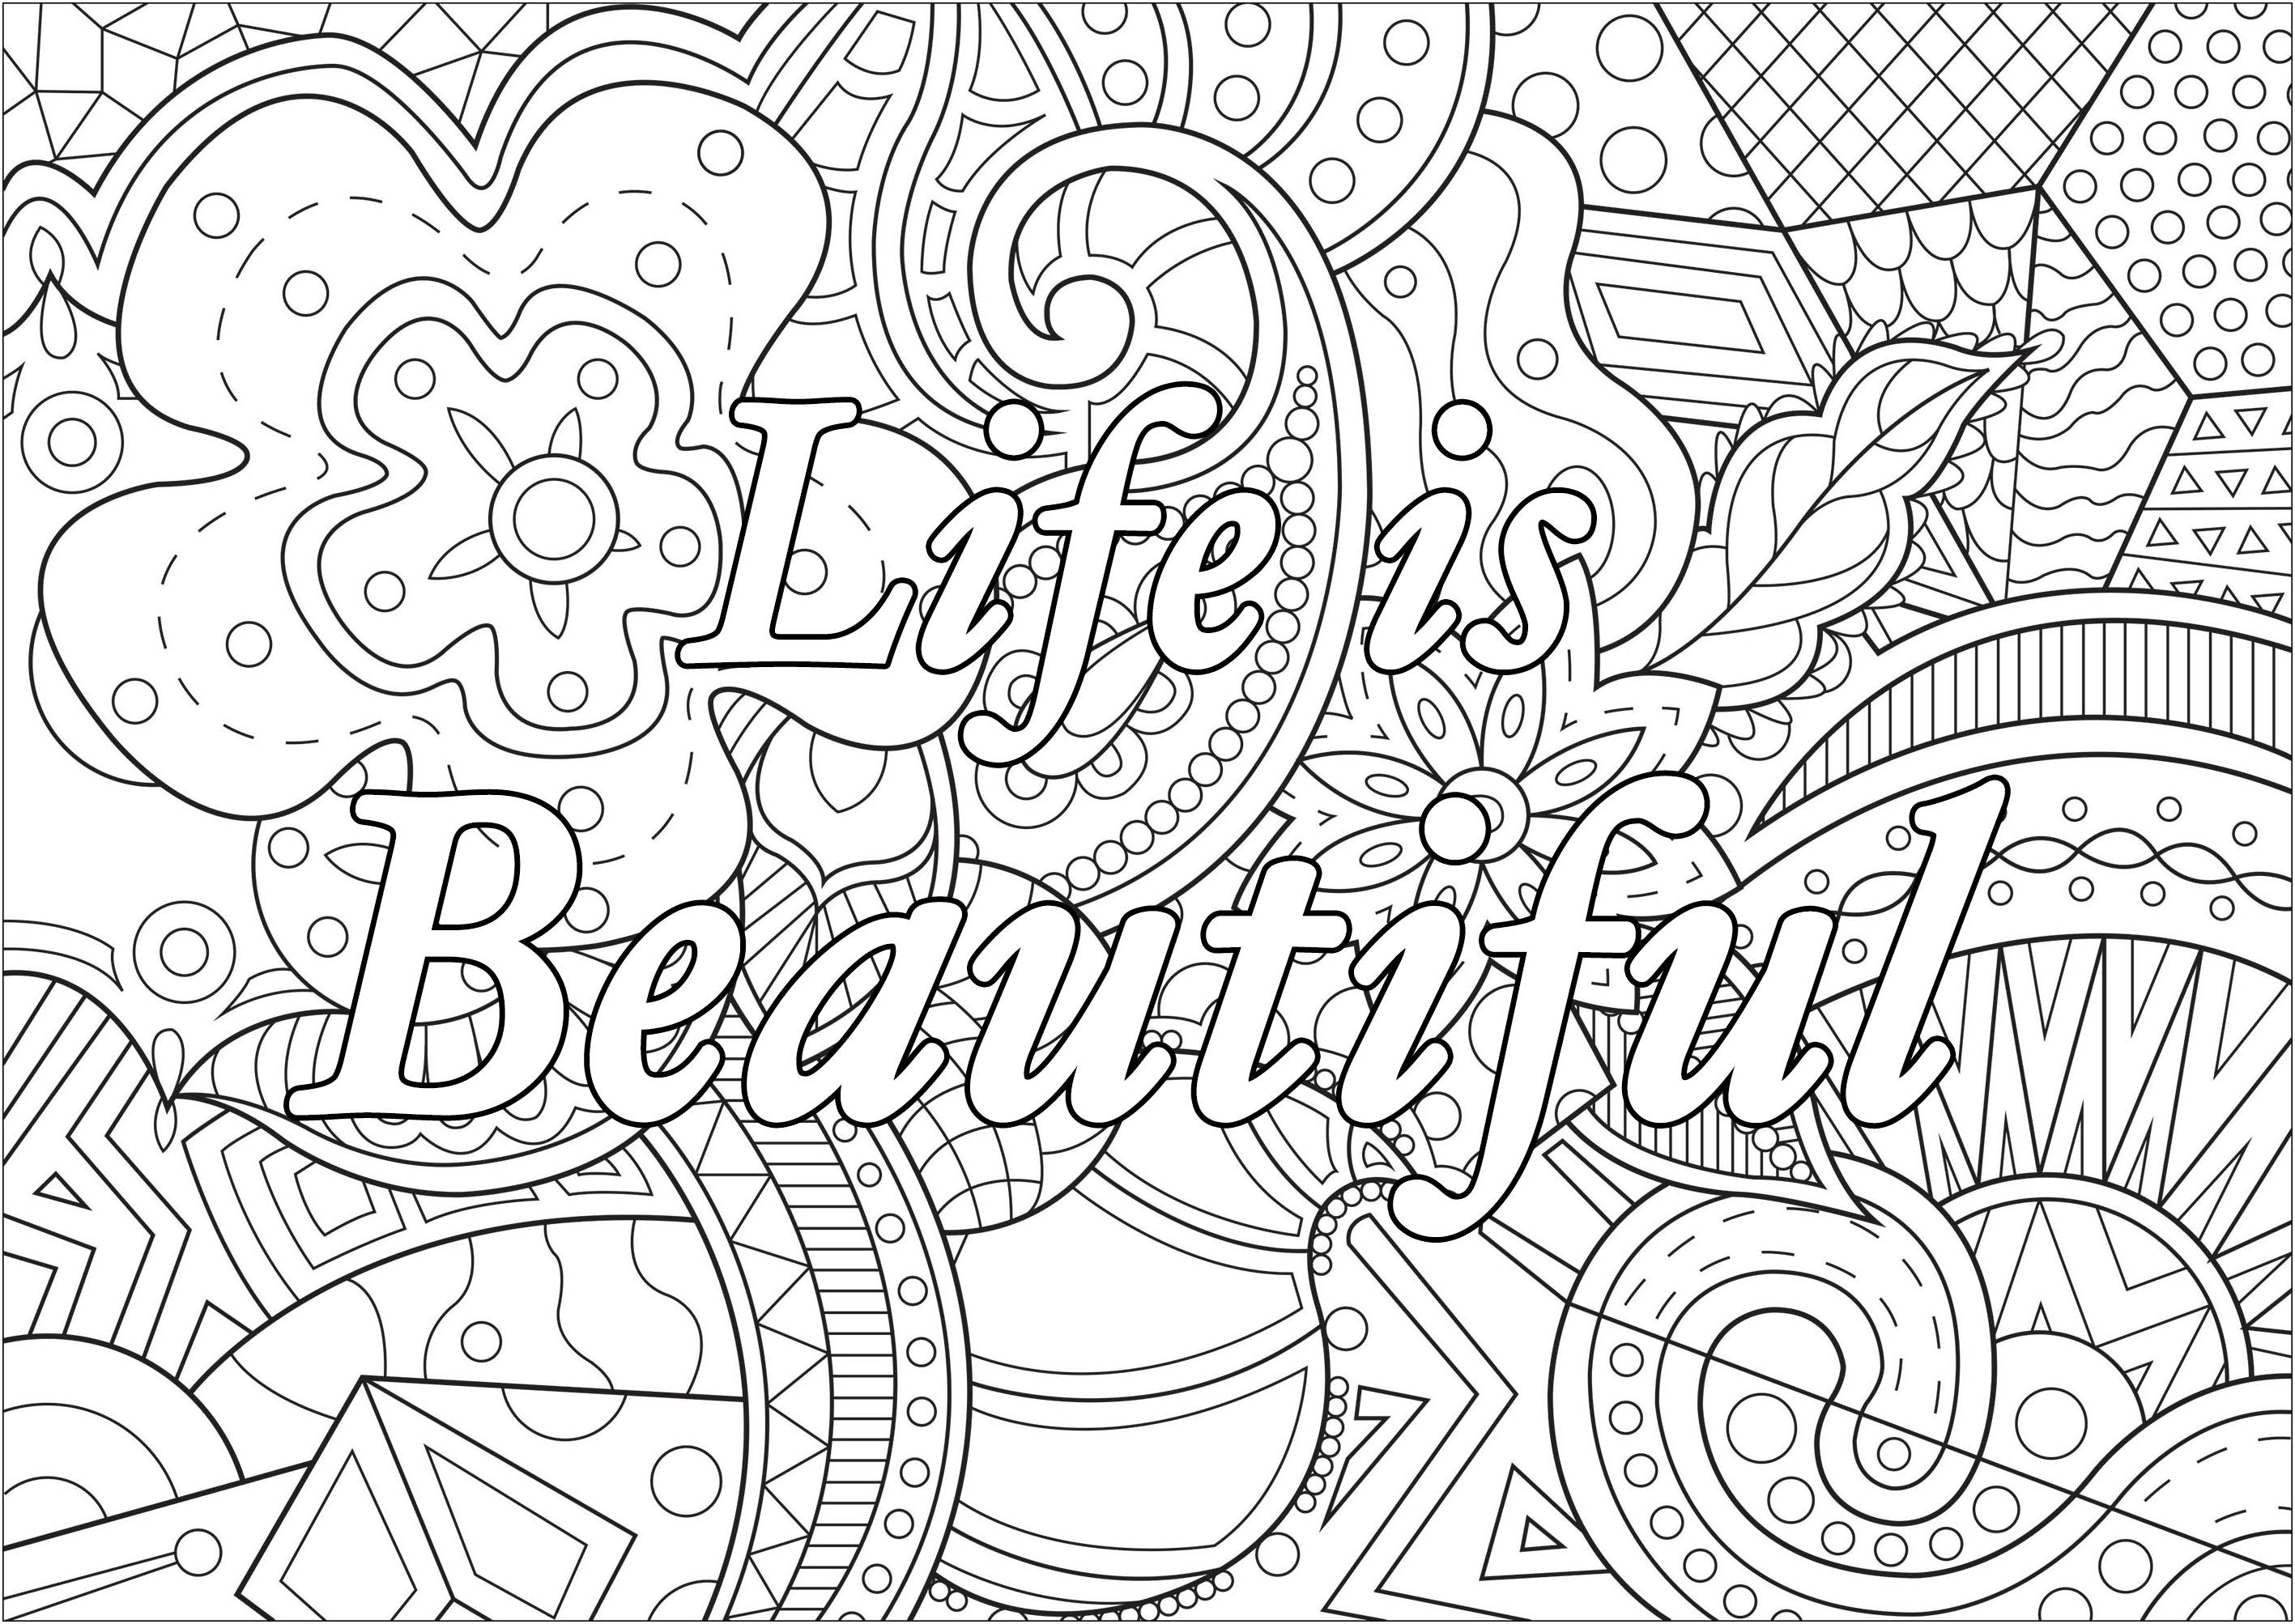 Life is beautiful (La vie est belle)